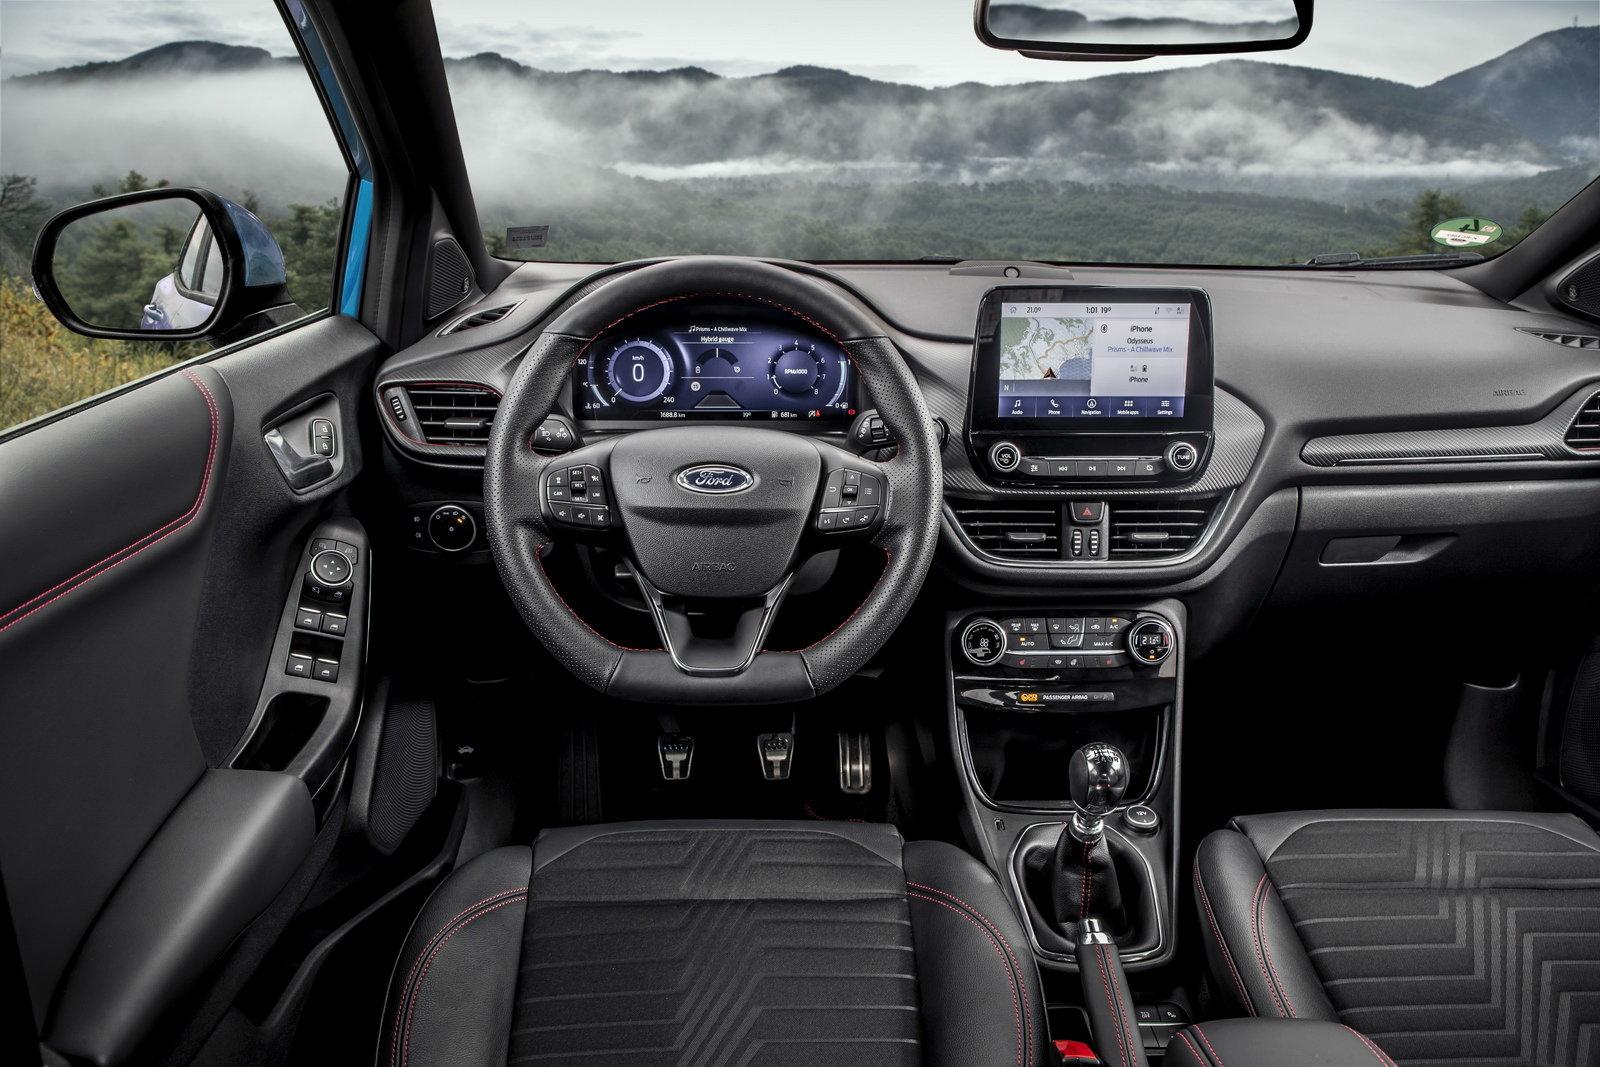 Scopriamo gli interni dei veicoli Ford a prova di igienizzanti per le mani thumbnail